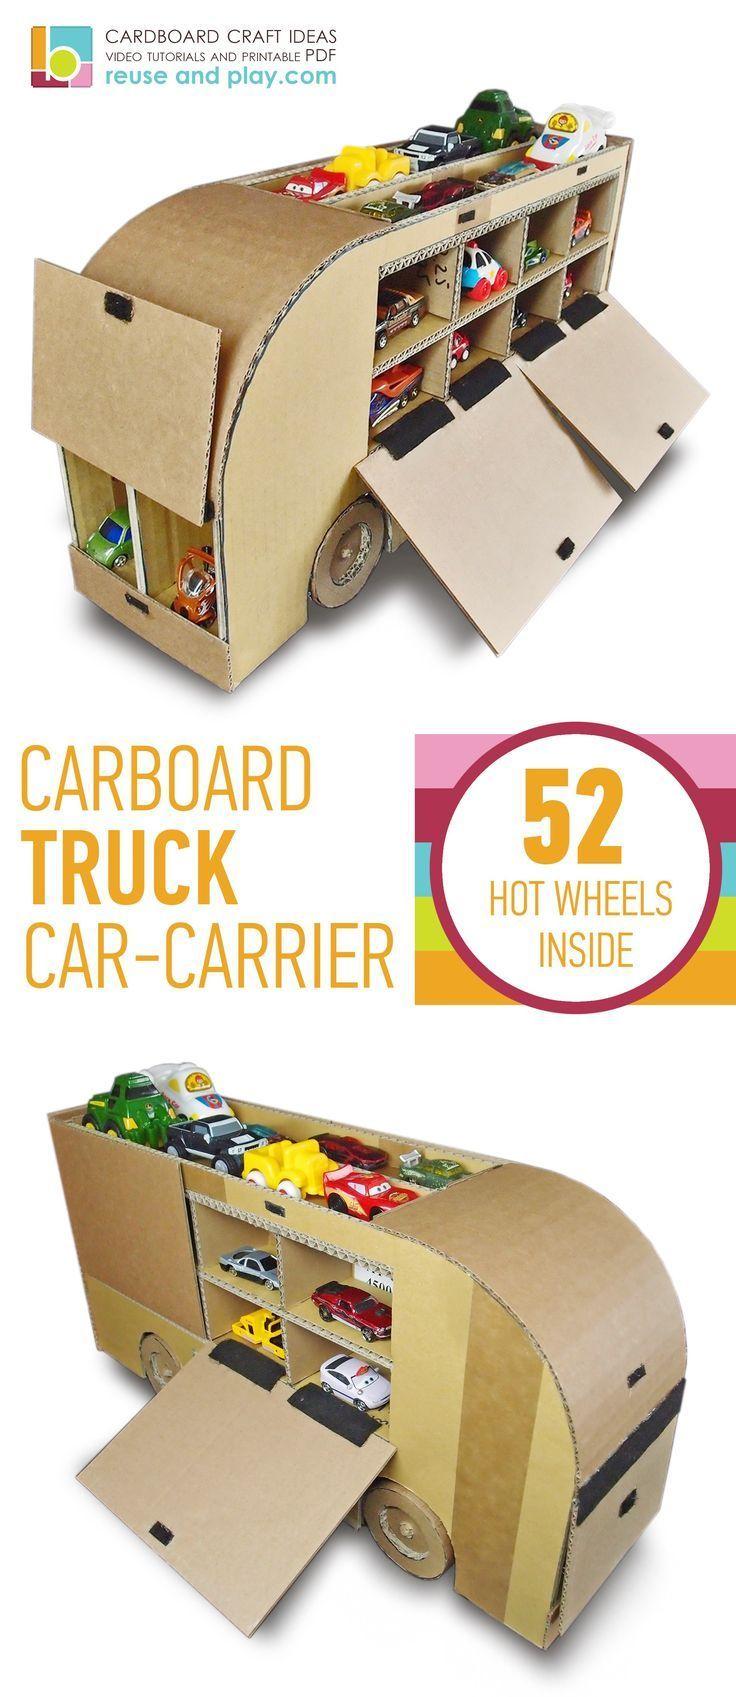 Cardboard Truck Car Carrier Diy Toy Car Storage Pdf Pattern Reuse And Play Diy Toys Car Toy Car Storage Diy Toys